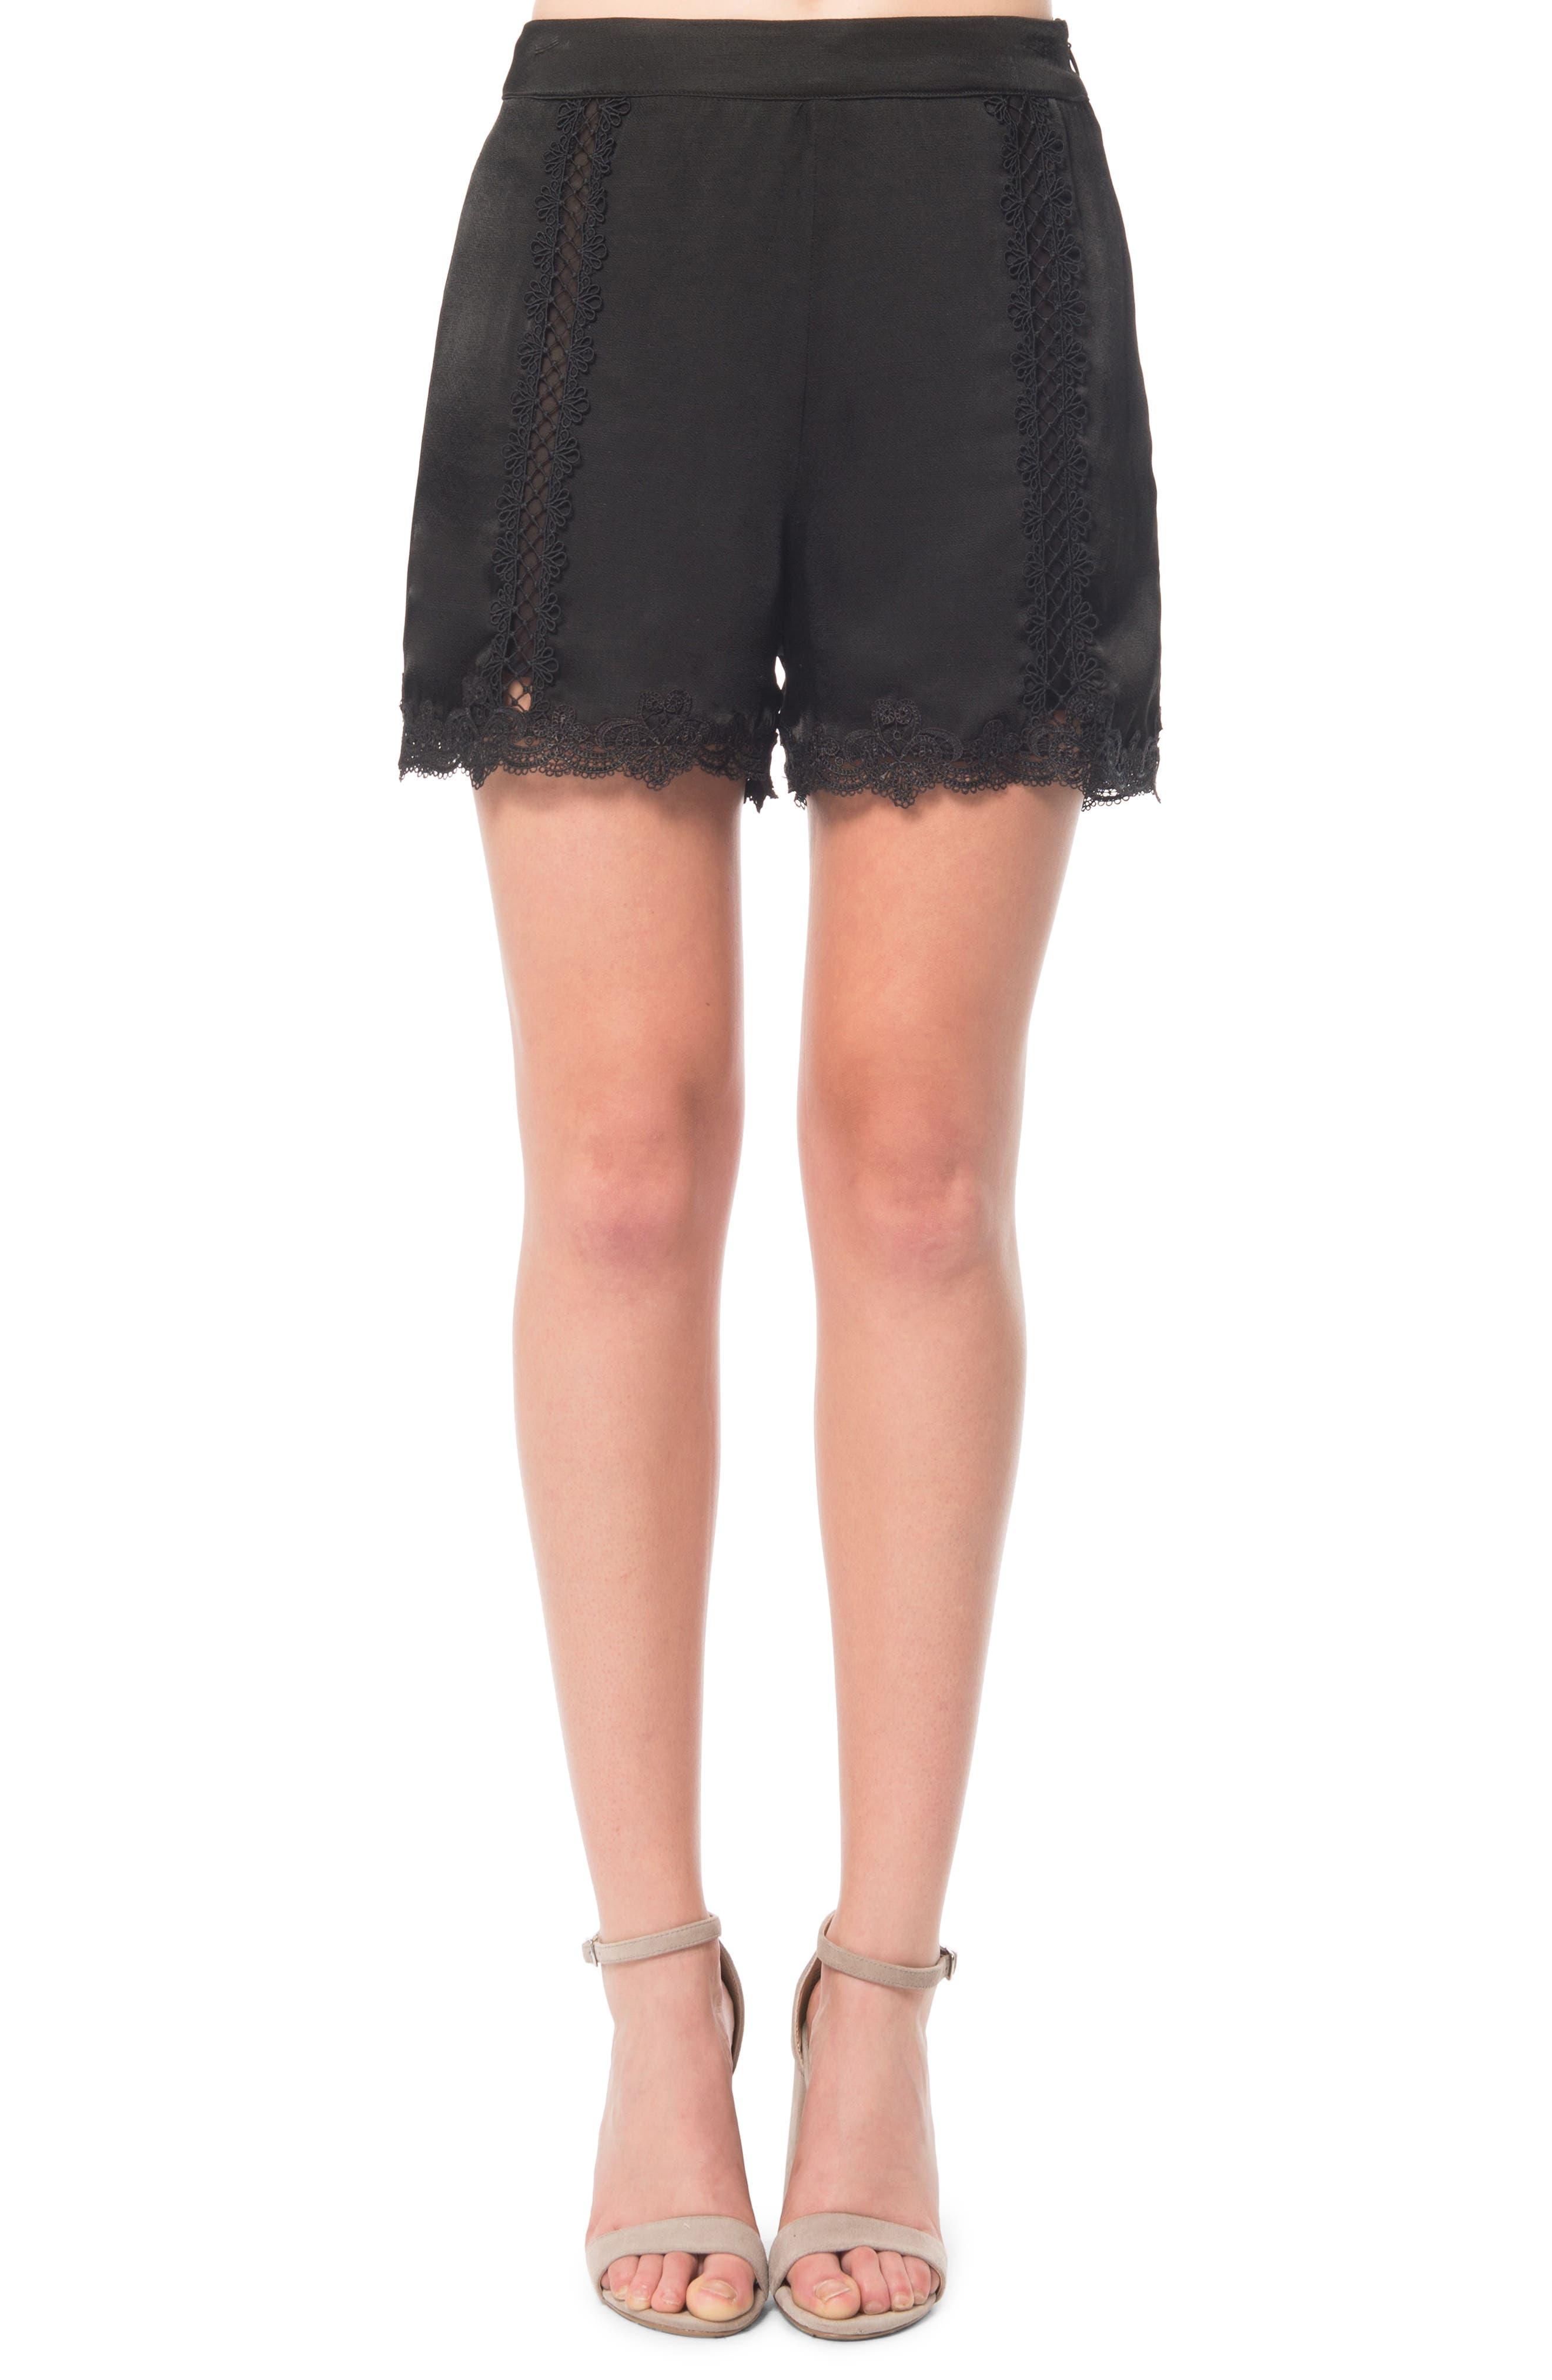 Lace Inset Shorts,                             Main thumbnail 1, color,                             001